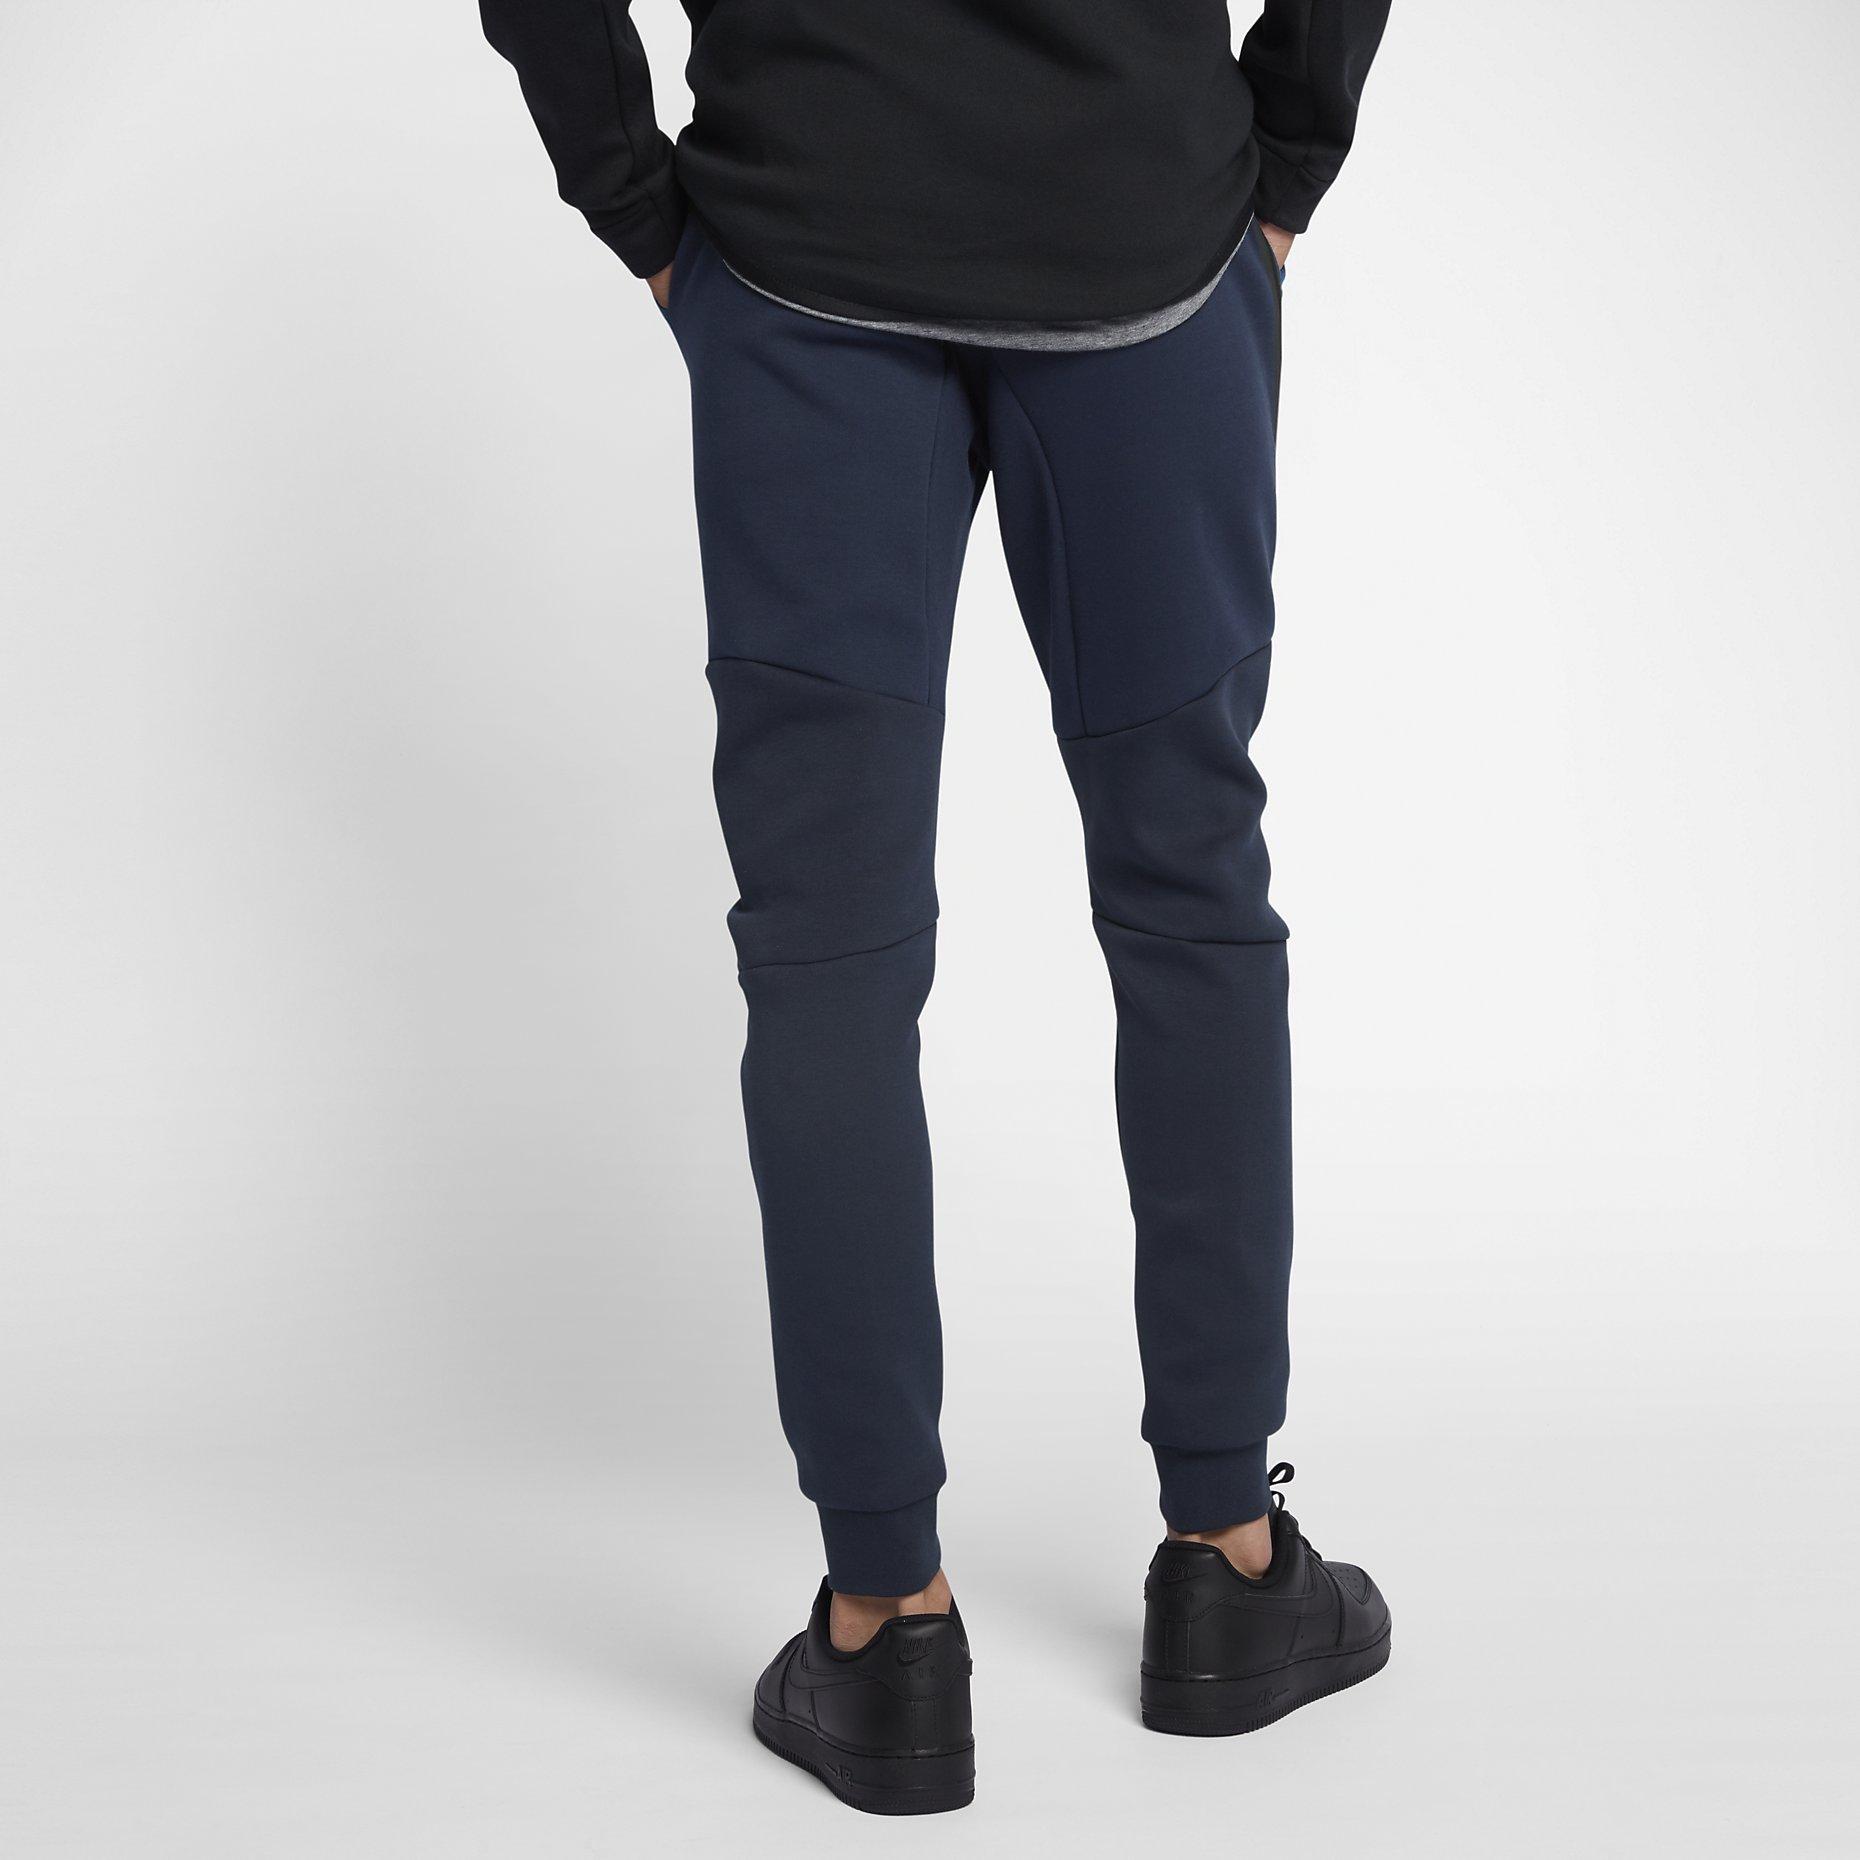 sportswear-tech-fleece-mens-joggers (2).jpg